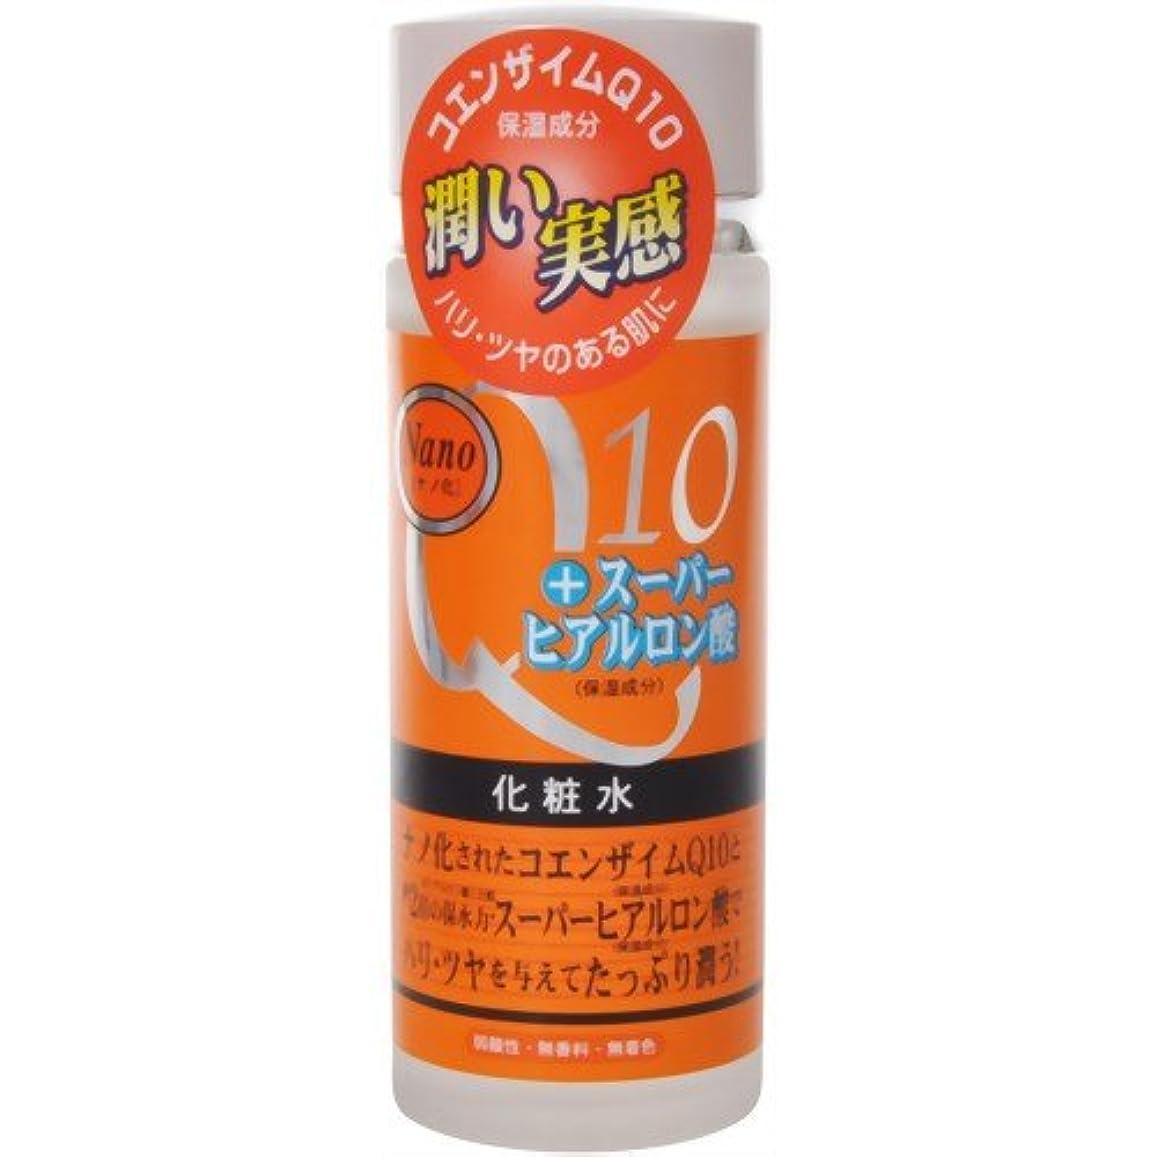 下に乗算消費ナノ化?コエンザイムQ10&スーパーヒアルロン酸化粧水 120ml